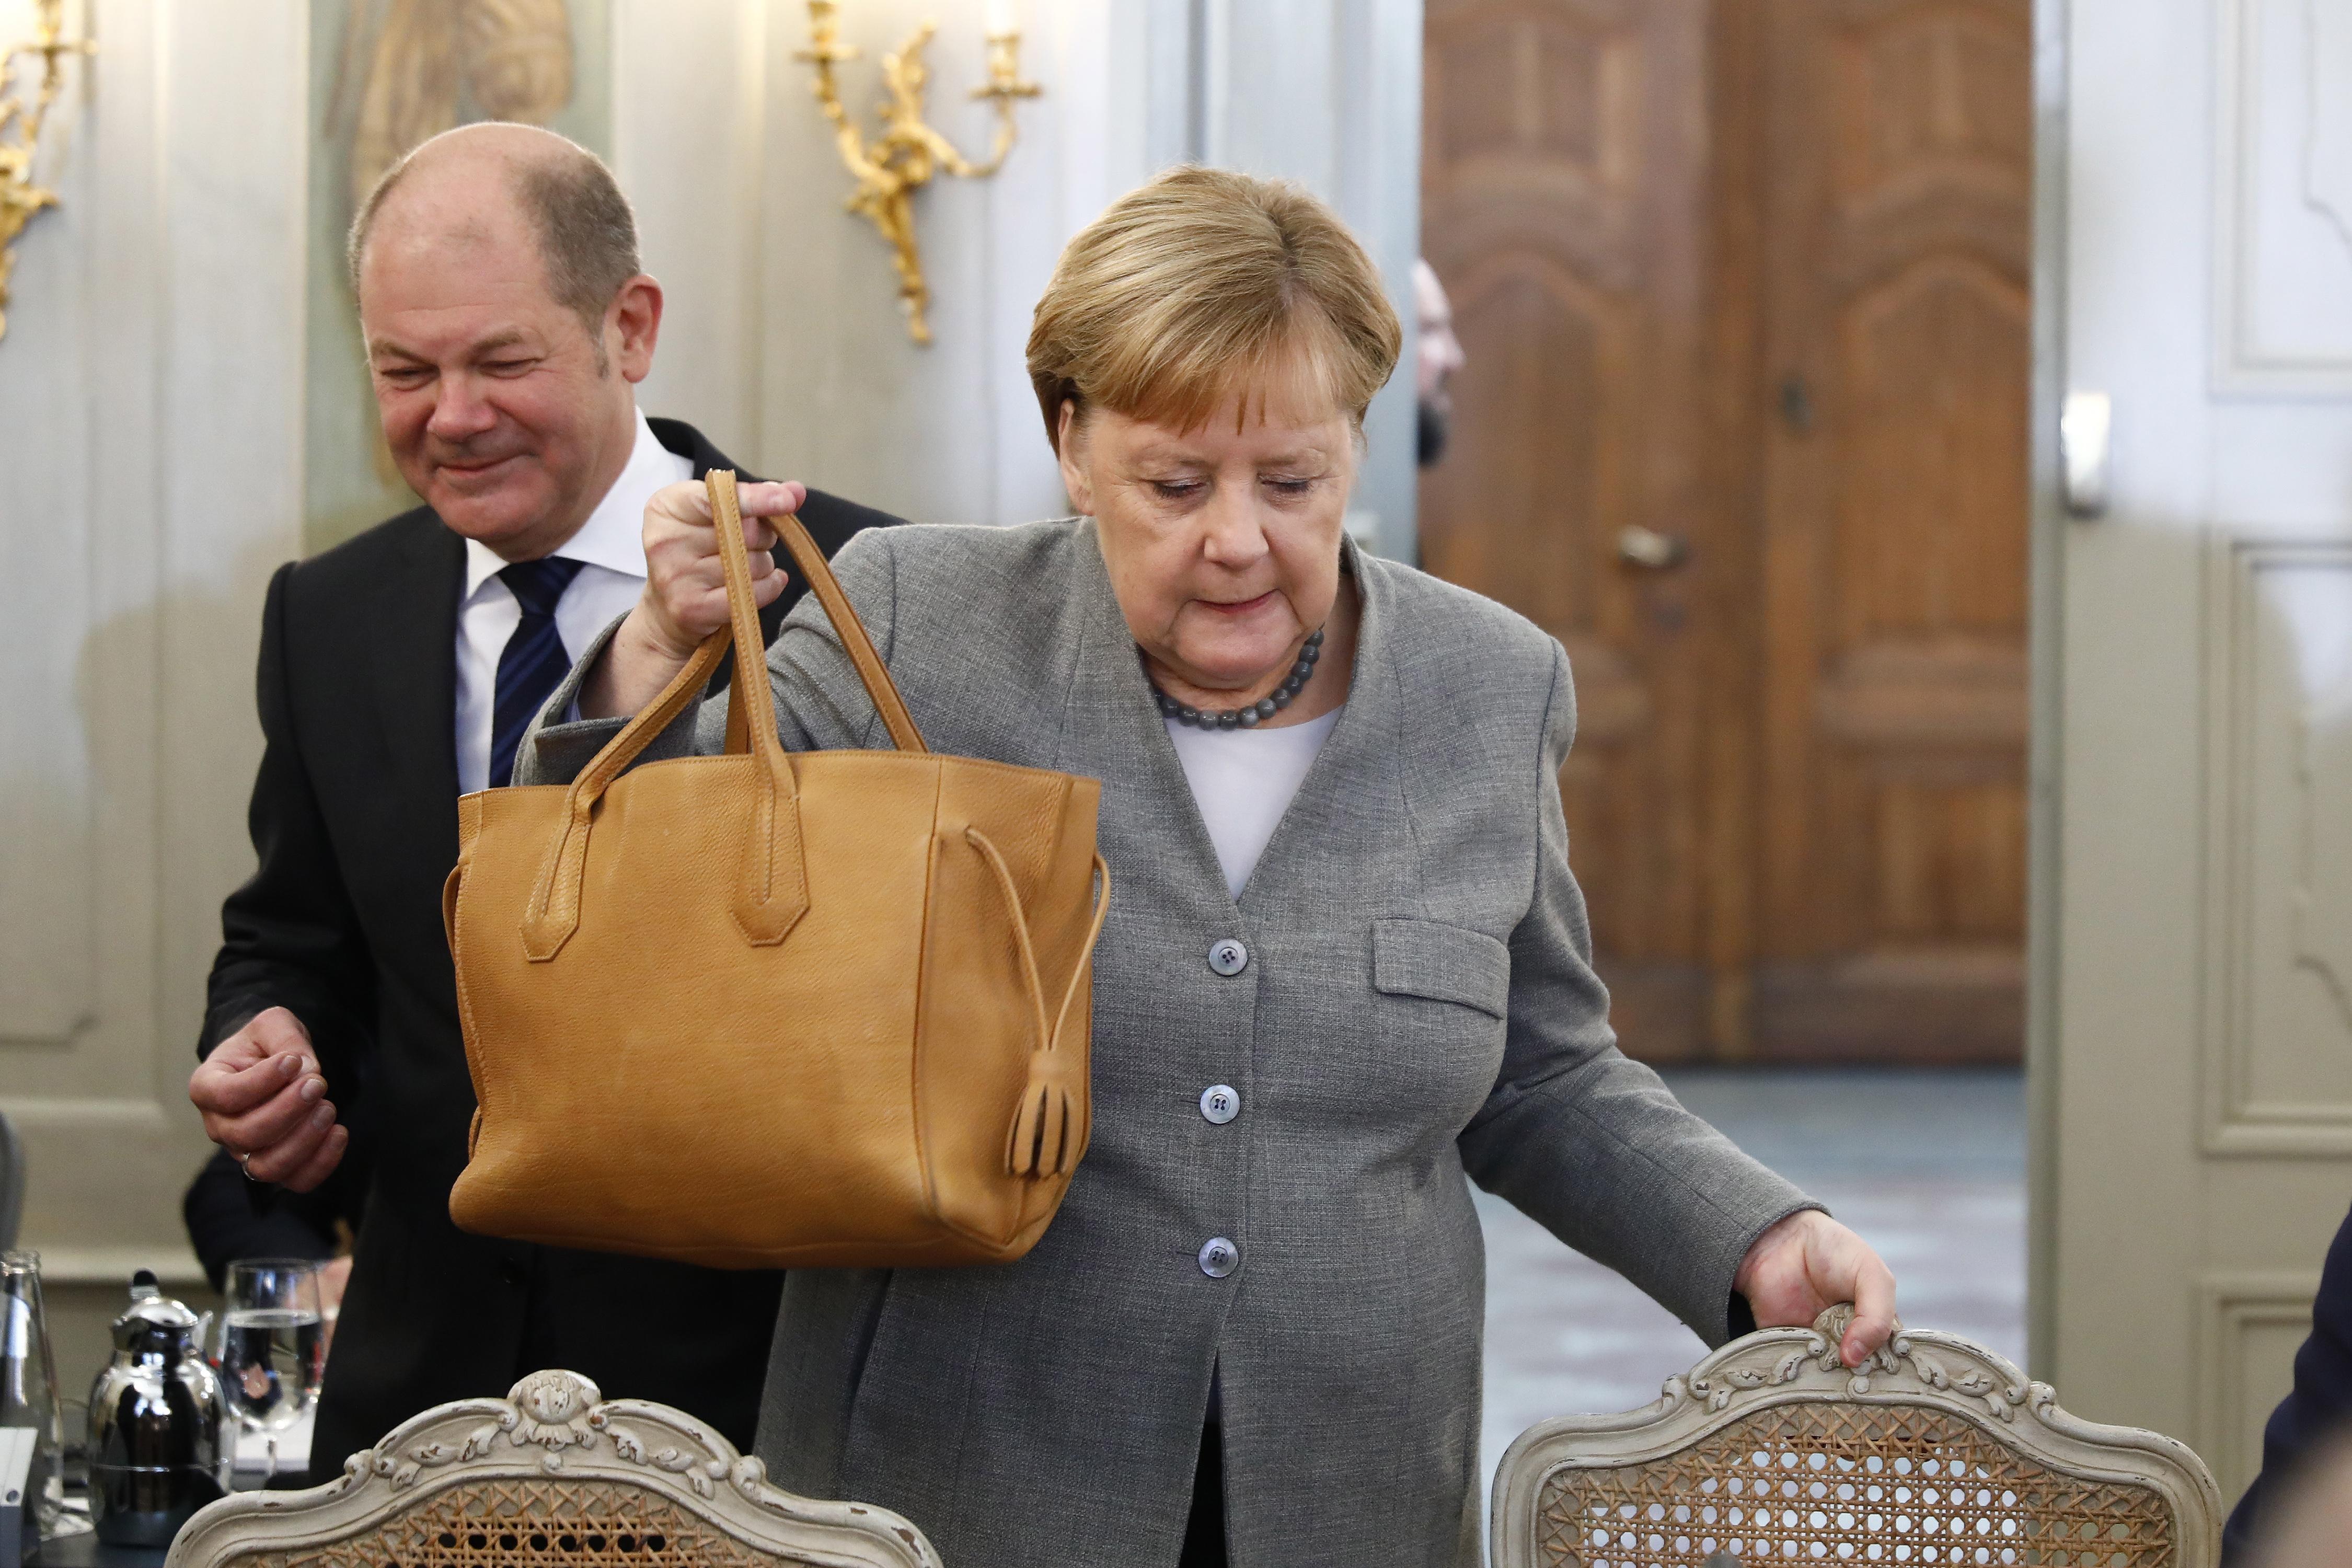 Angela Merkel must go – for Germany's sake, and for Europe's